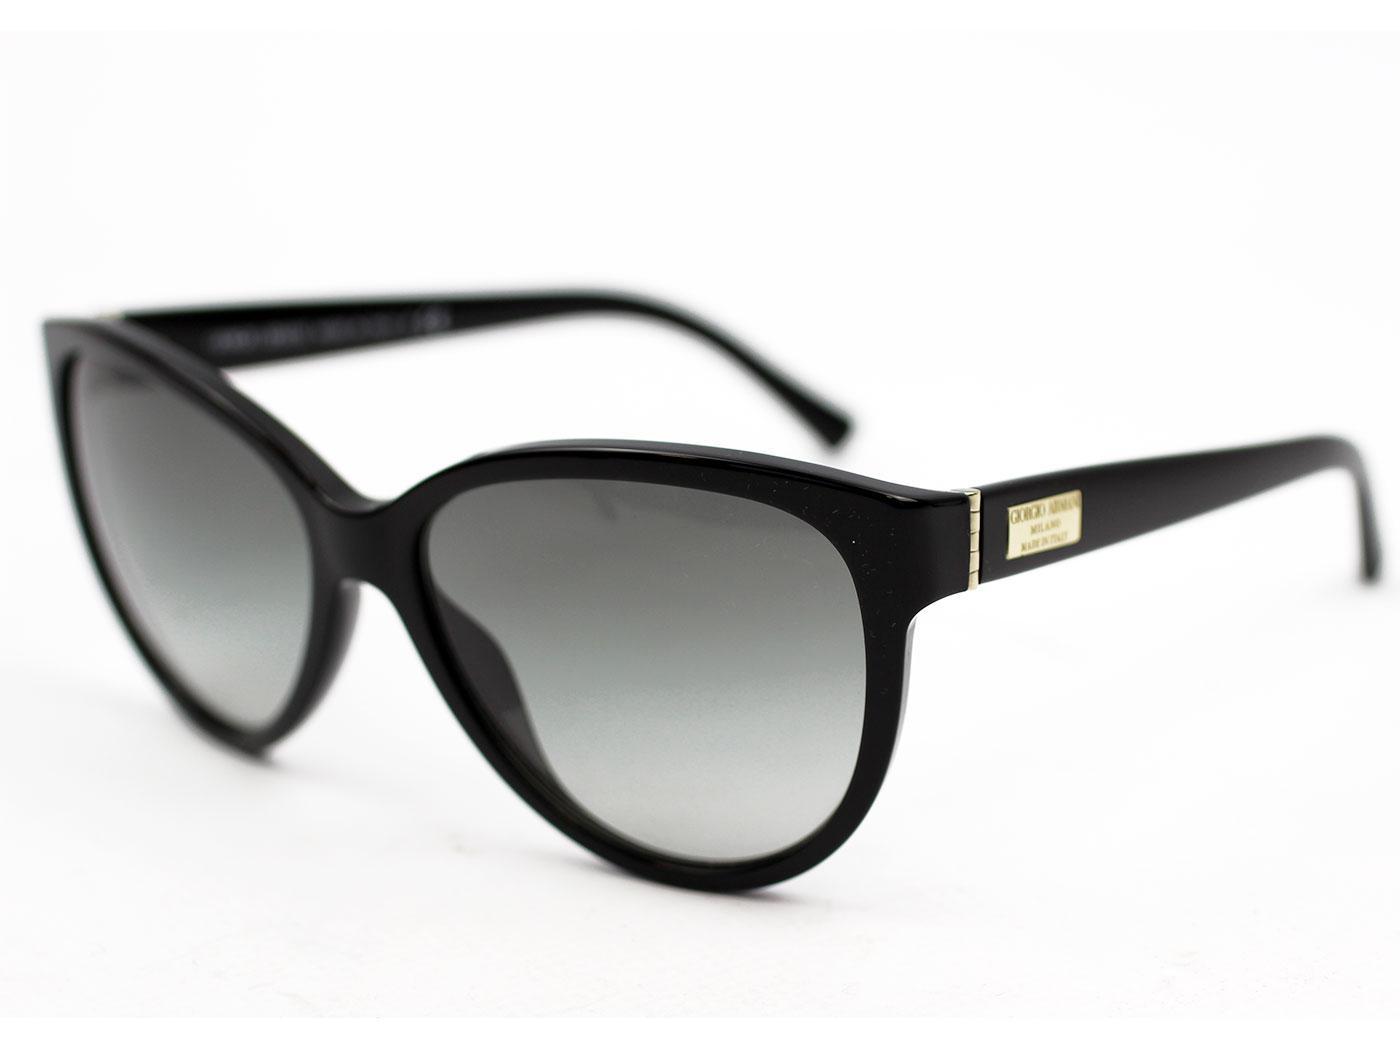 Giorgio Armani Retro 50s Cat Eye Sunglasses in Black 0AR8021